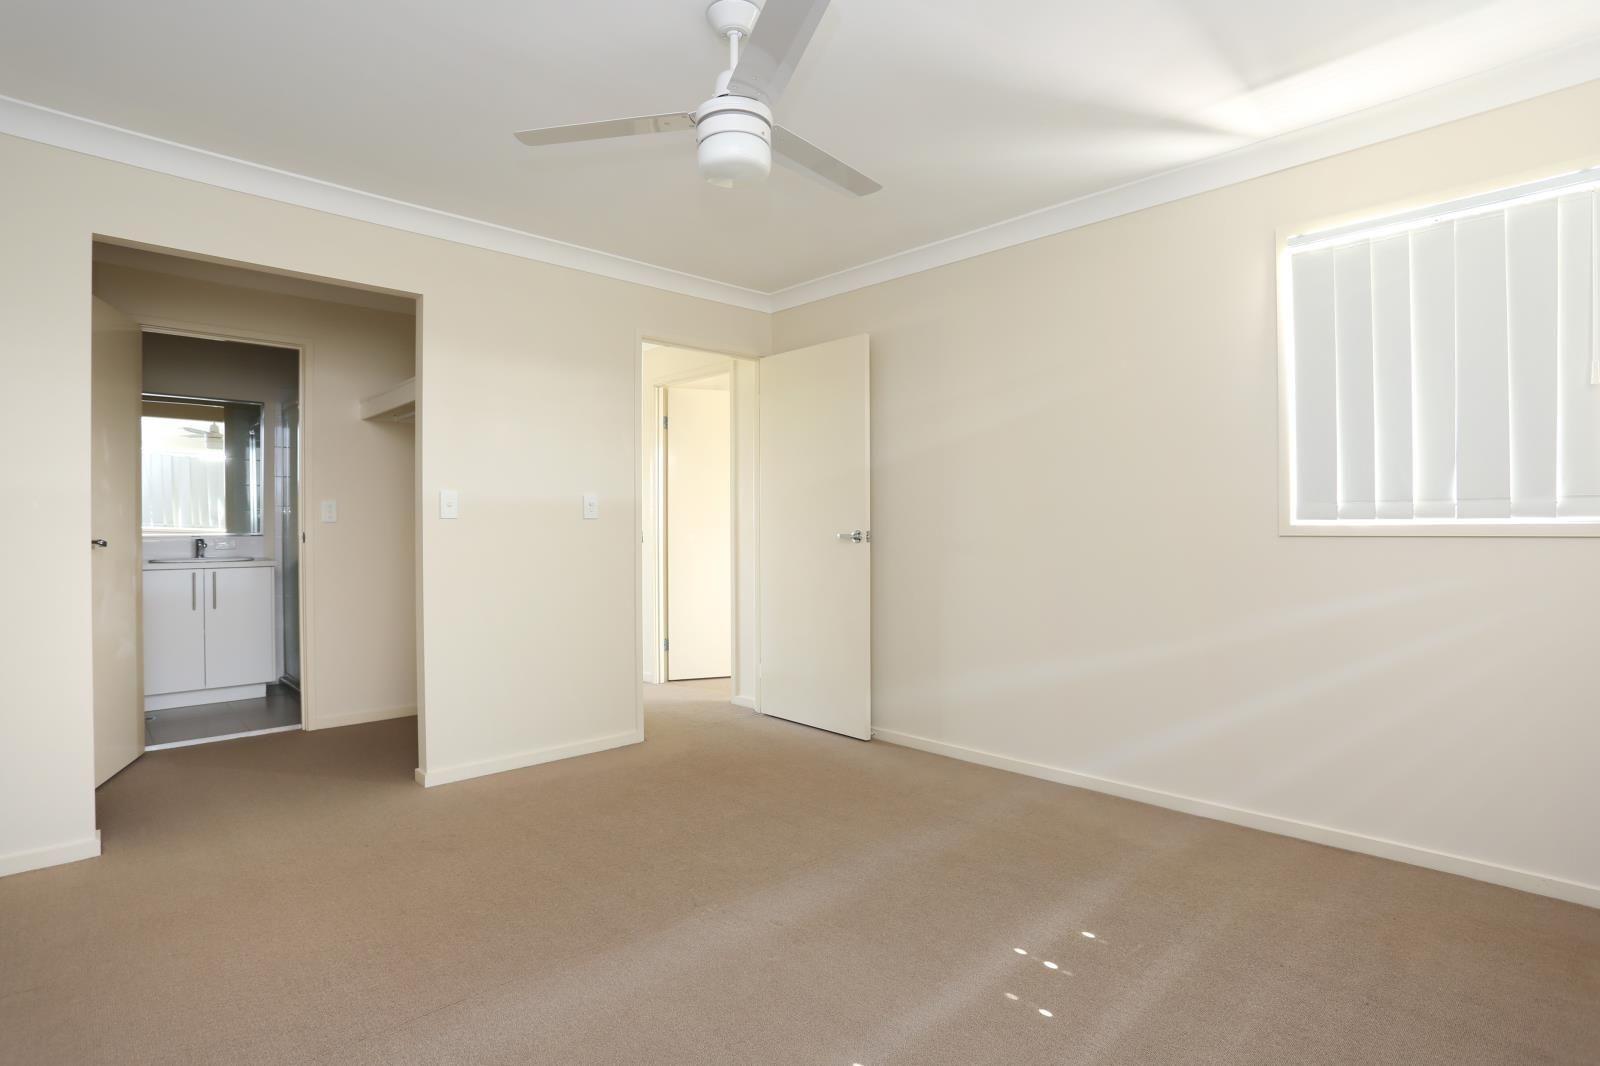 9/140-142 Eagleby Road, Eagleby QLD 4207, Image 1